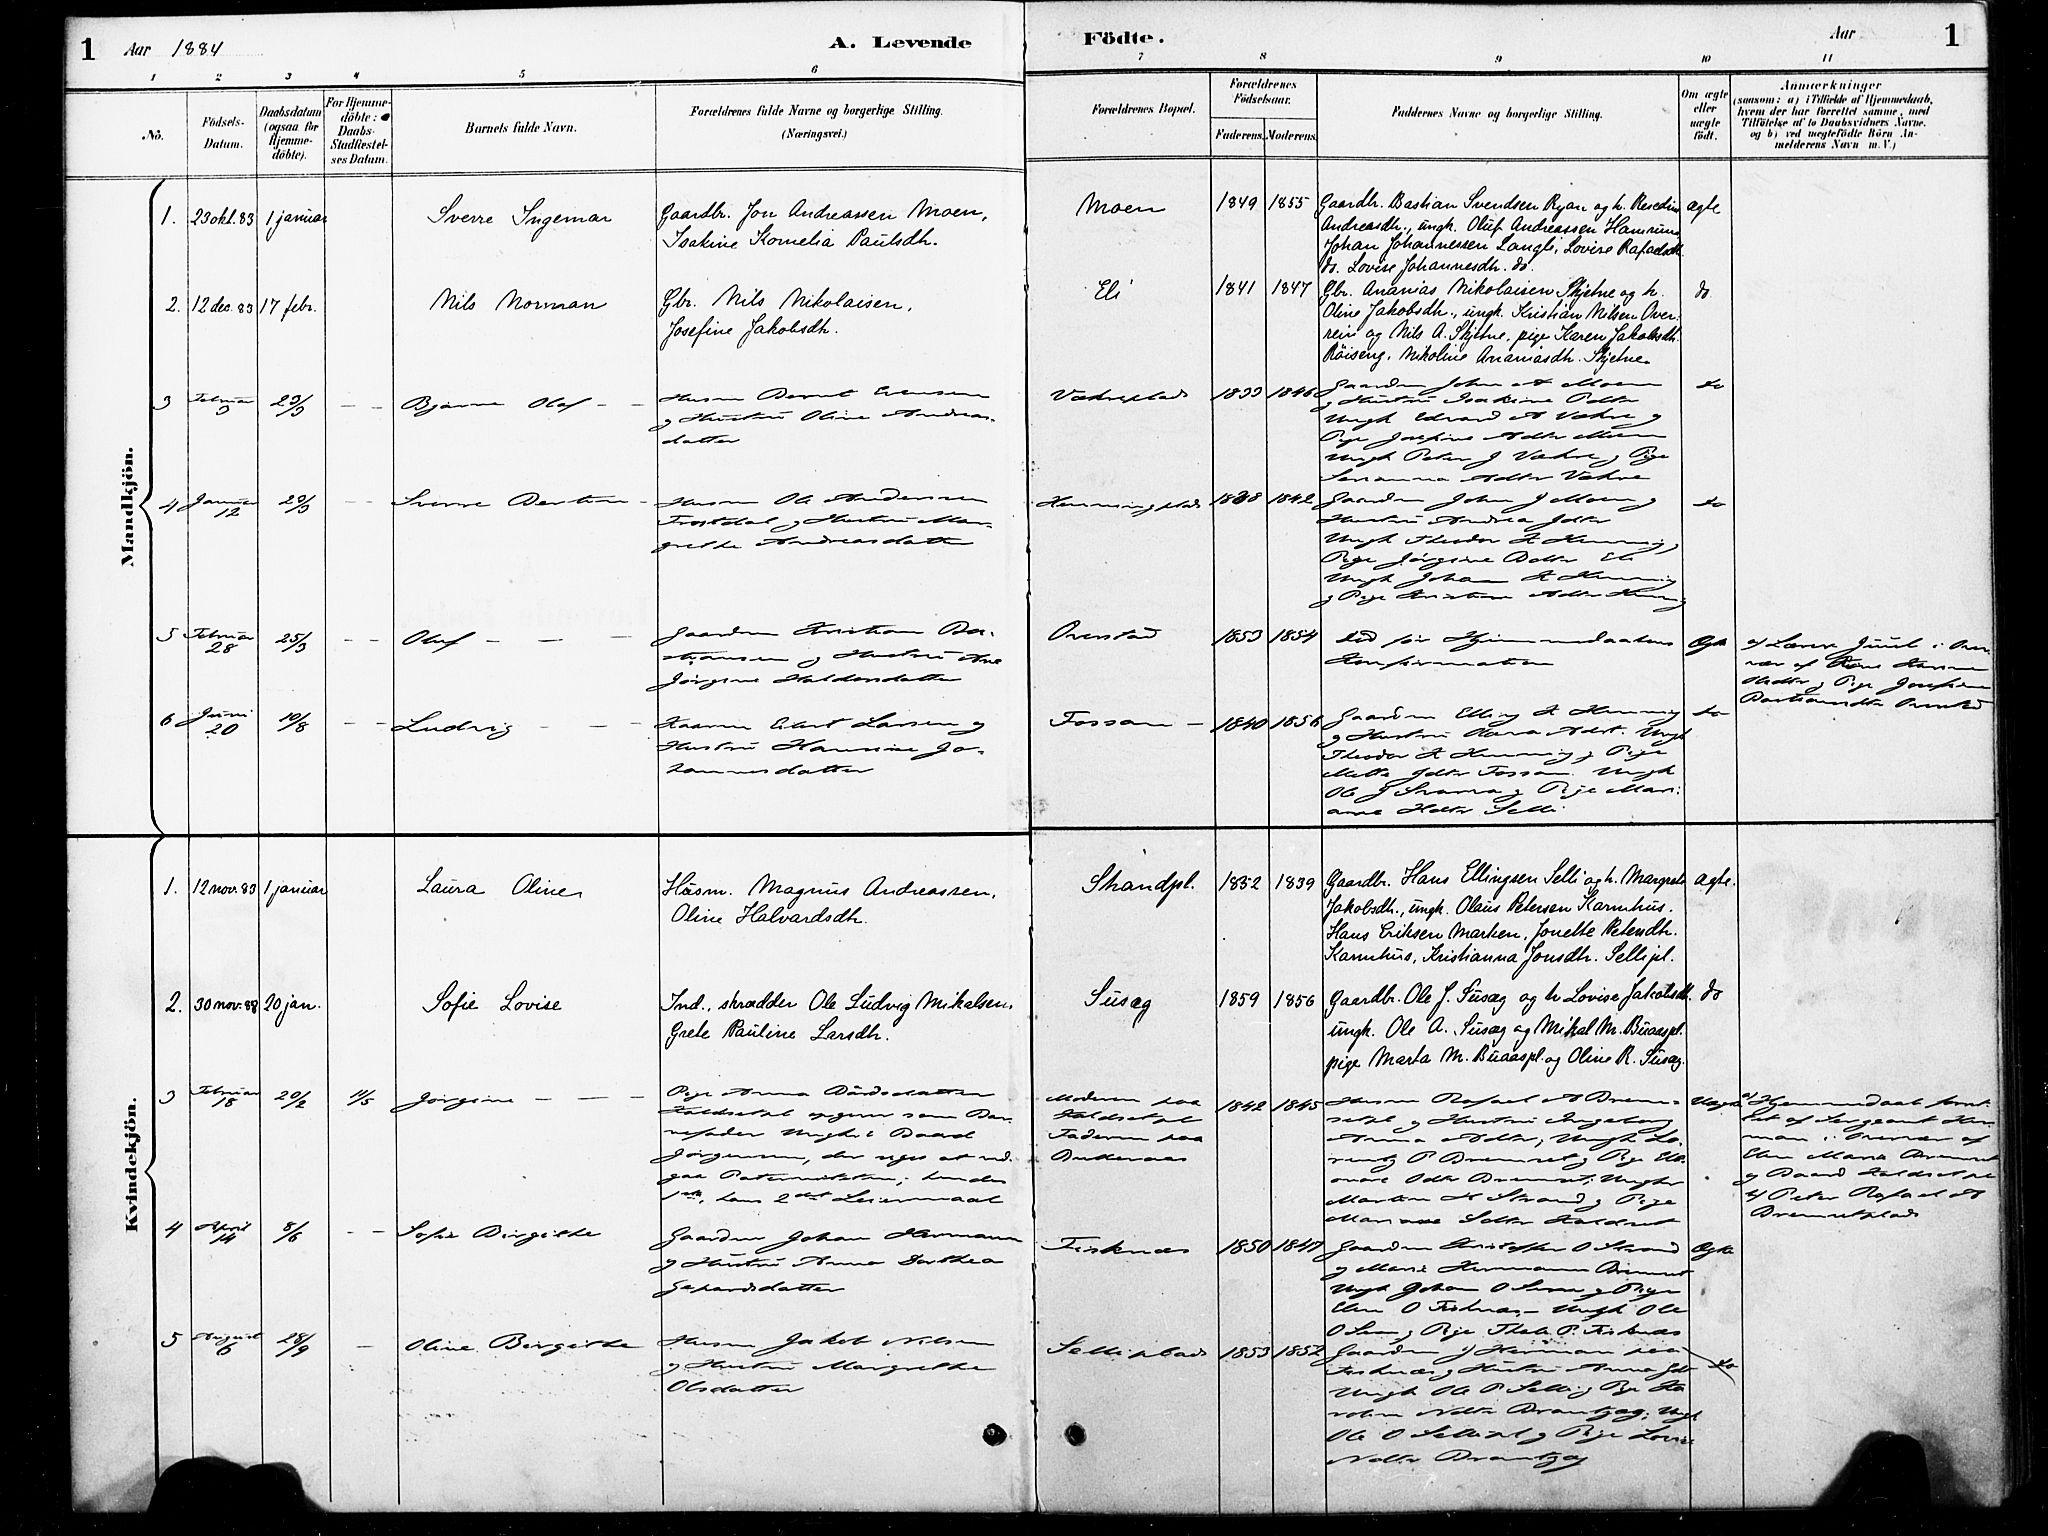 SAT, Ministerialprotokoller, klokkerbøker og fødselsregistre - Nord-Trøndelag, 738/L0364: Ministerialbok nr. 738A01, 1884-1902, s. 1